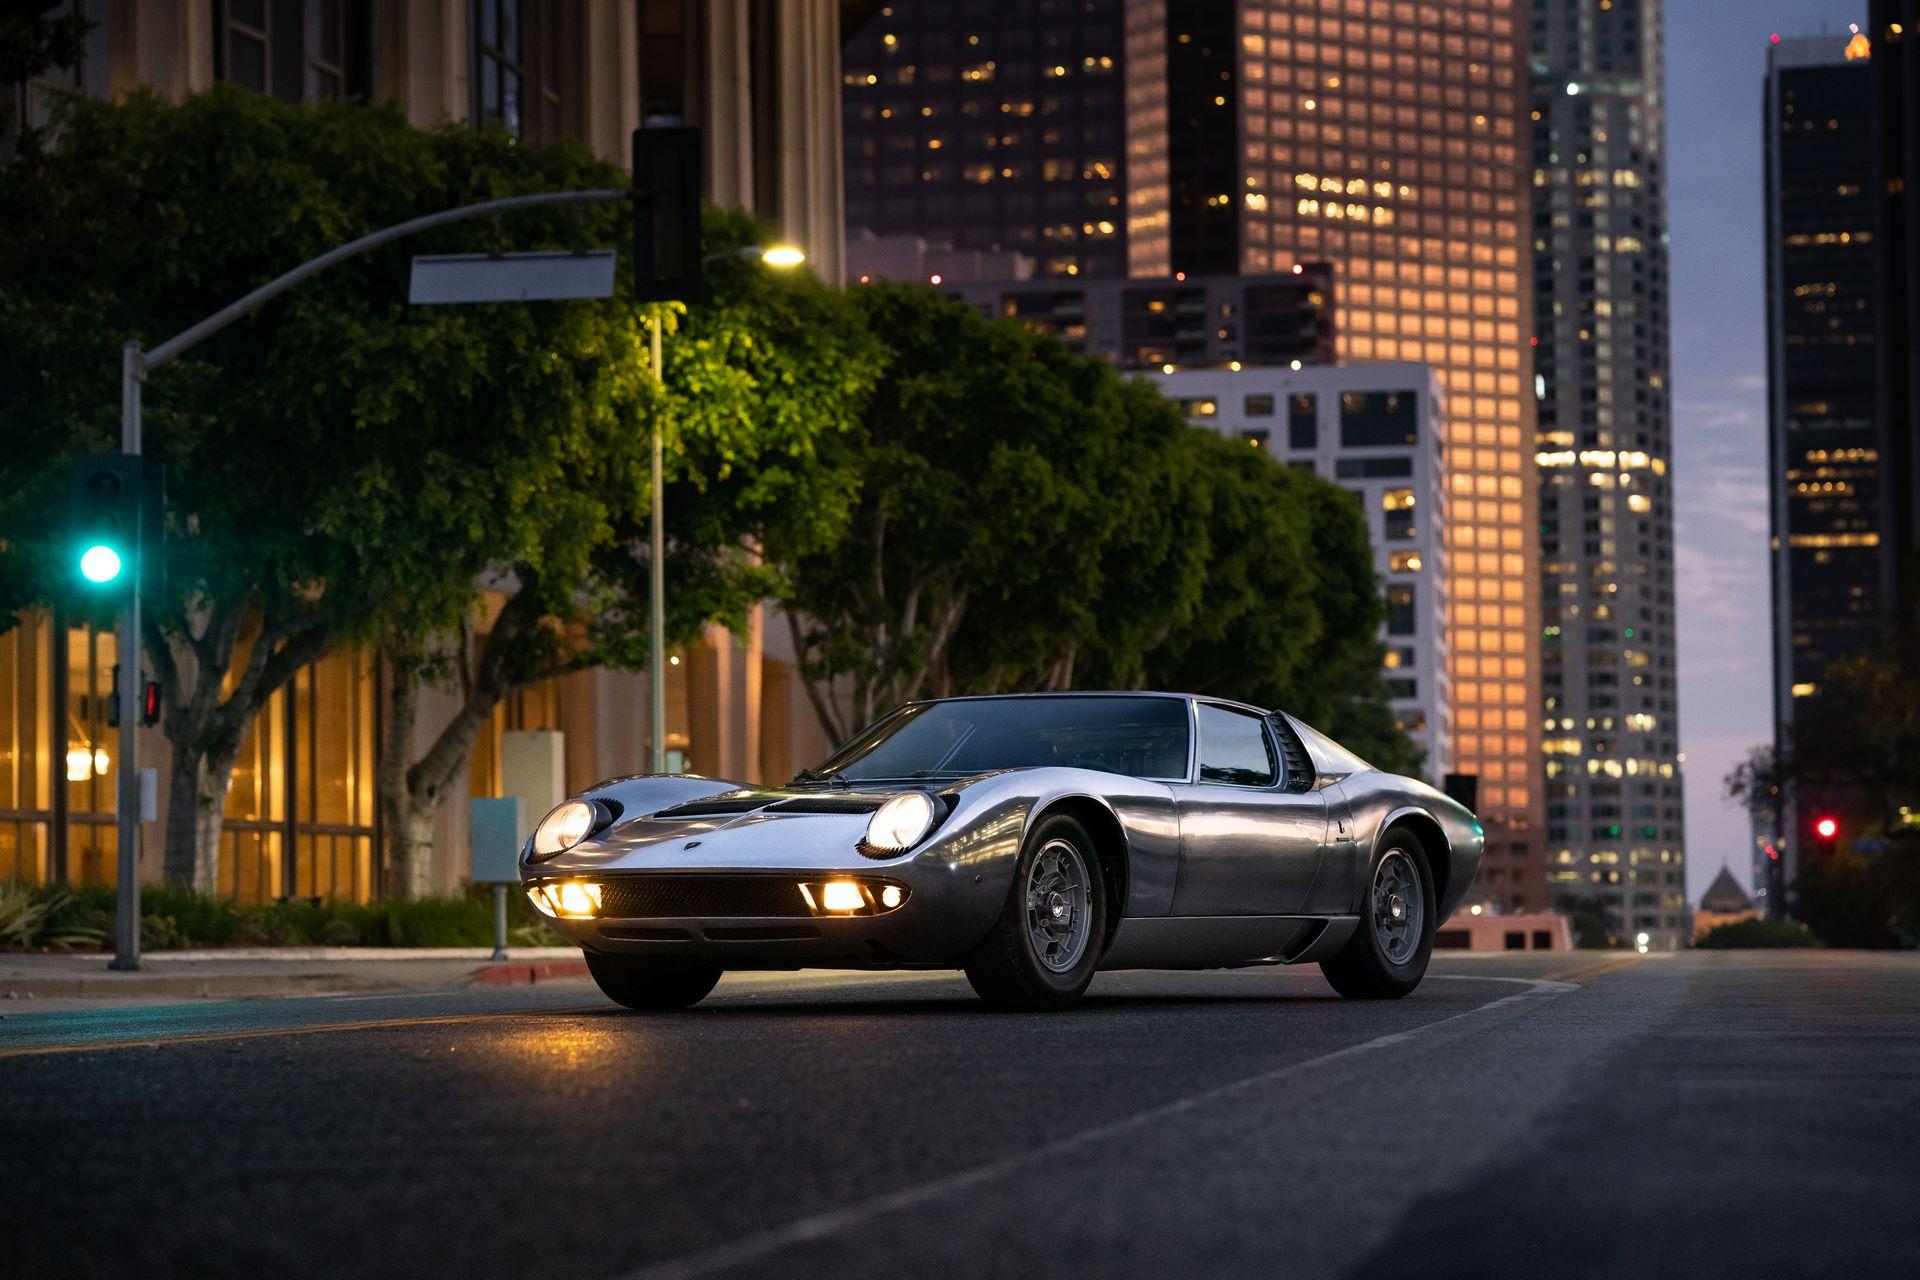 1971-Lamborghini-Miura-P400-S-by-Bertone_6